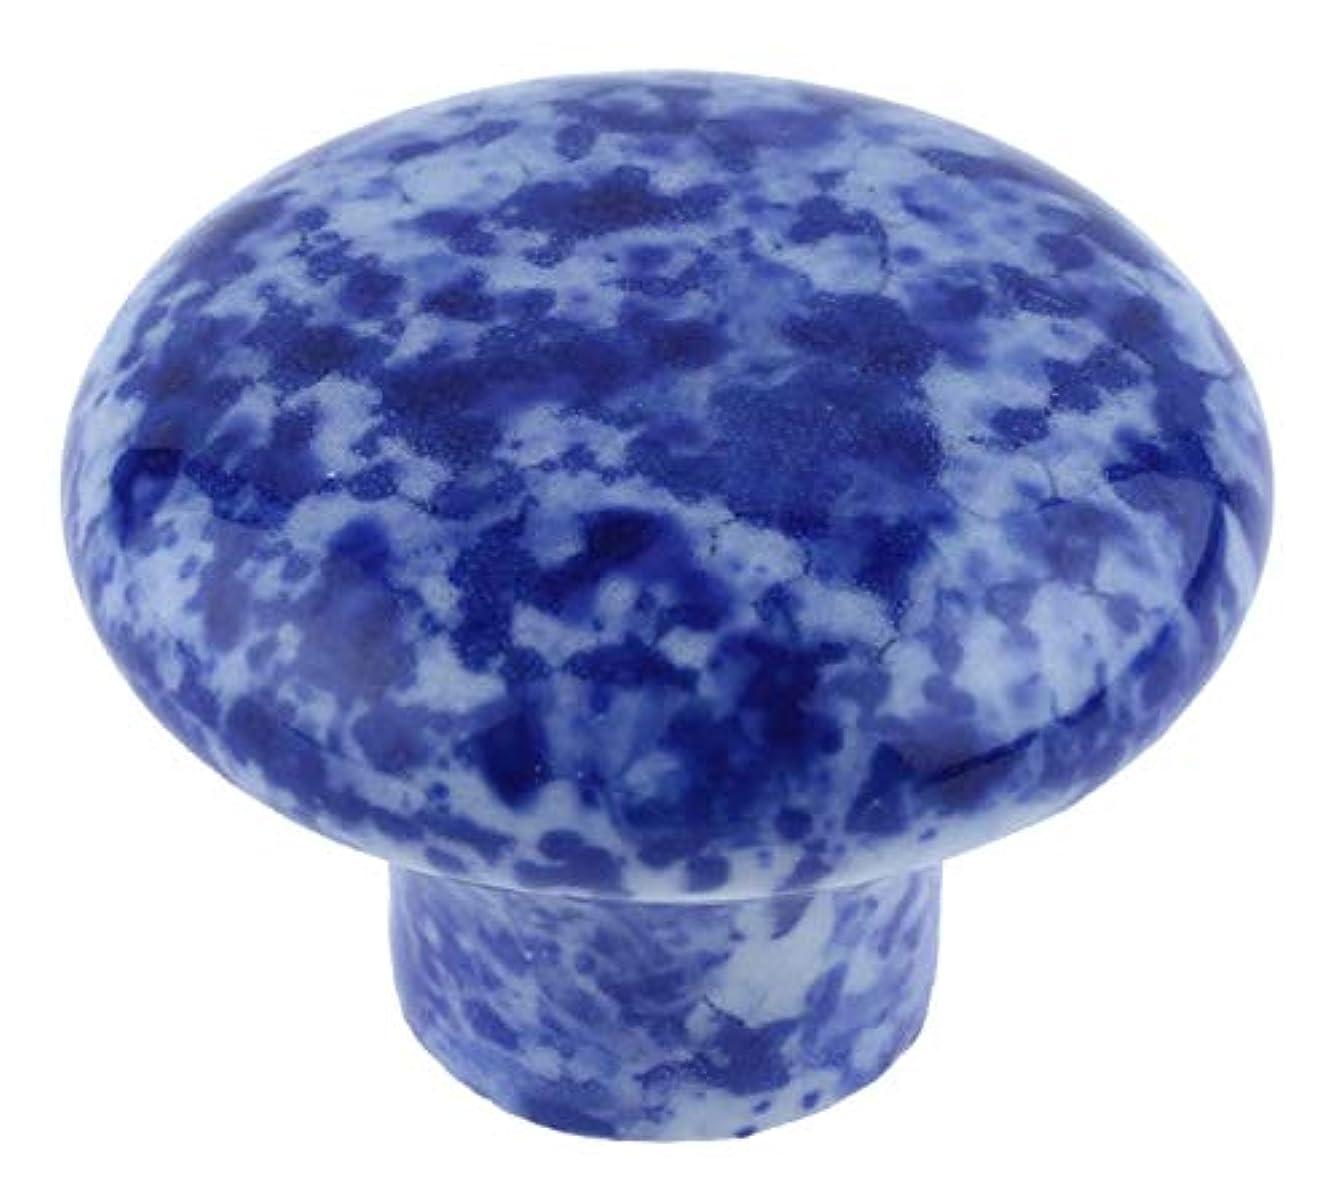 Ceramic Blue Granite Enamelware Knob Pull Handle 1 1/4